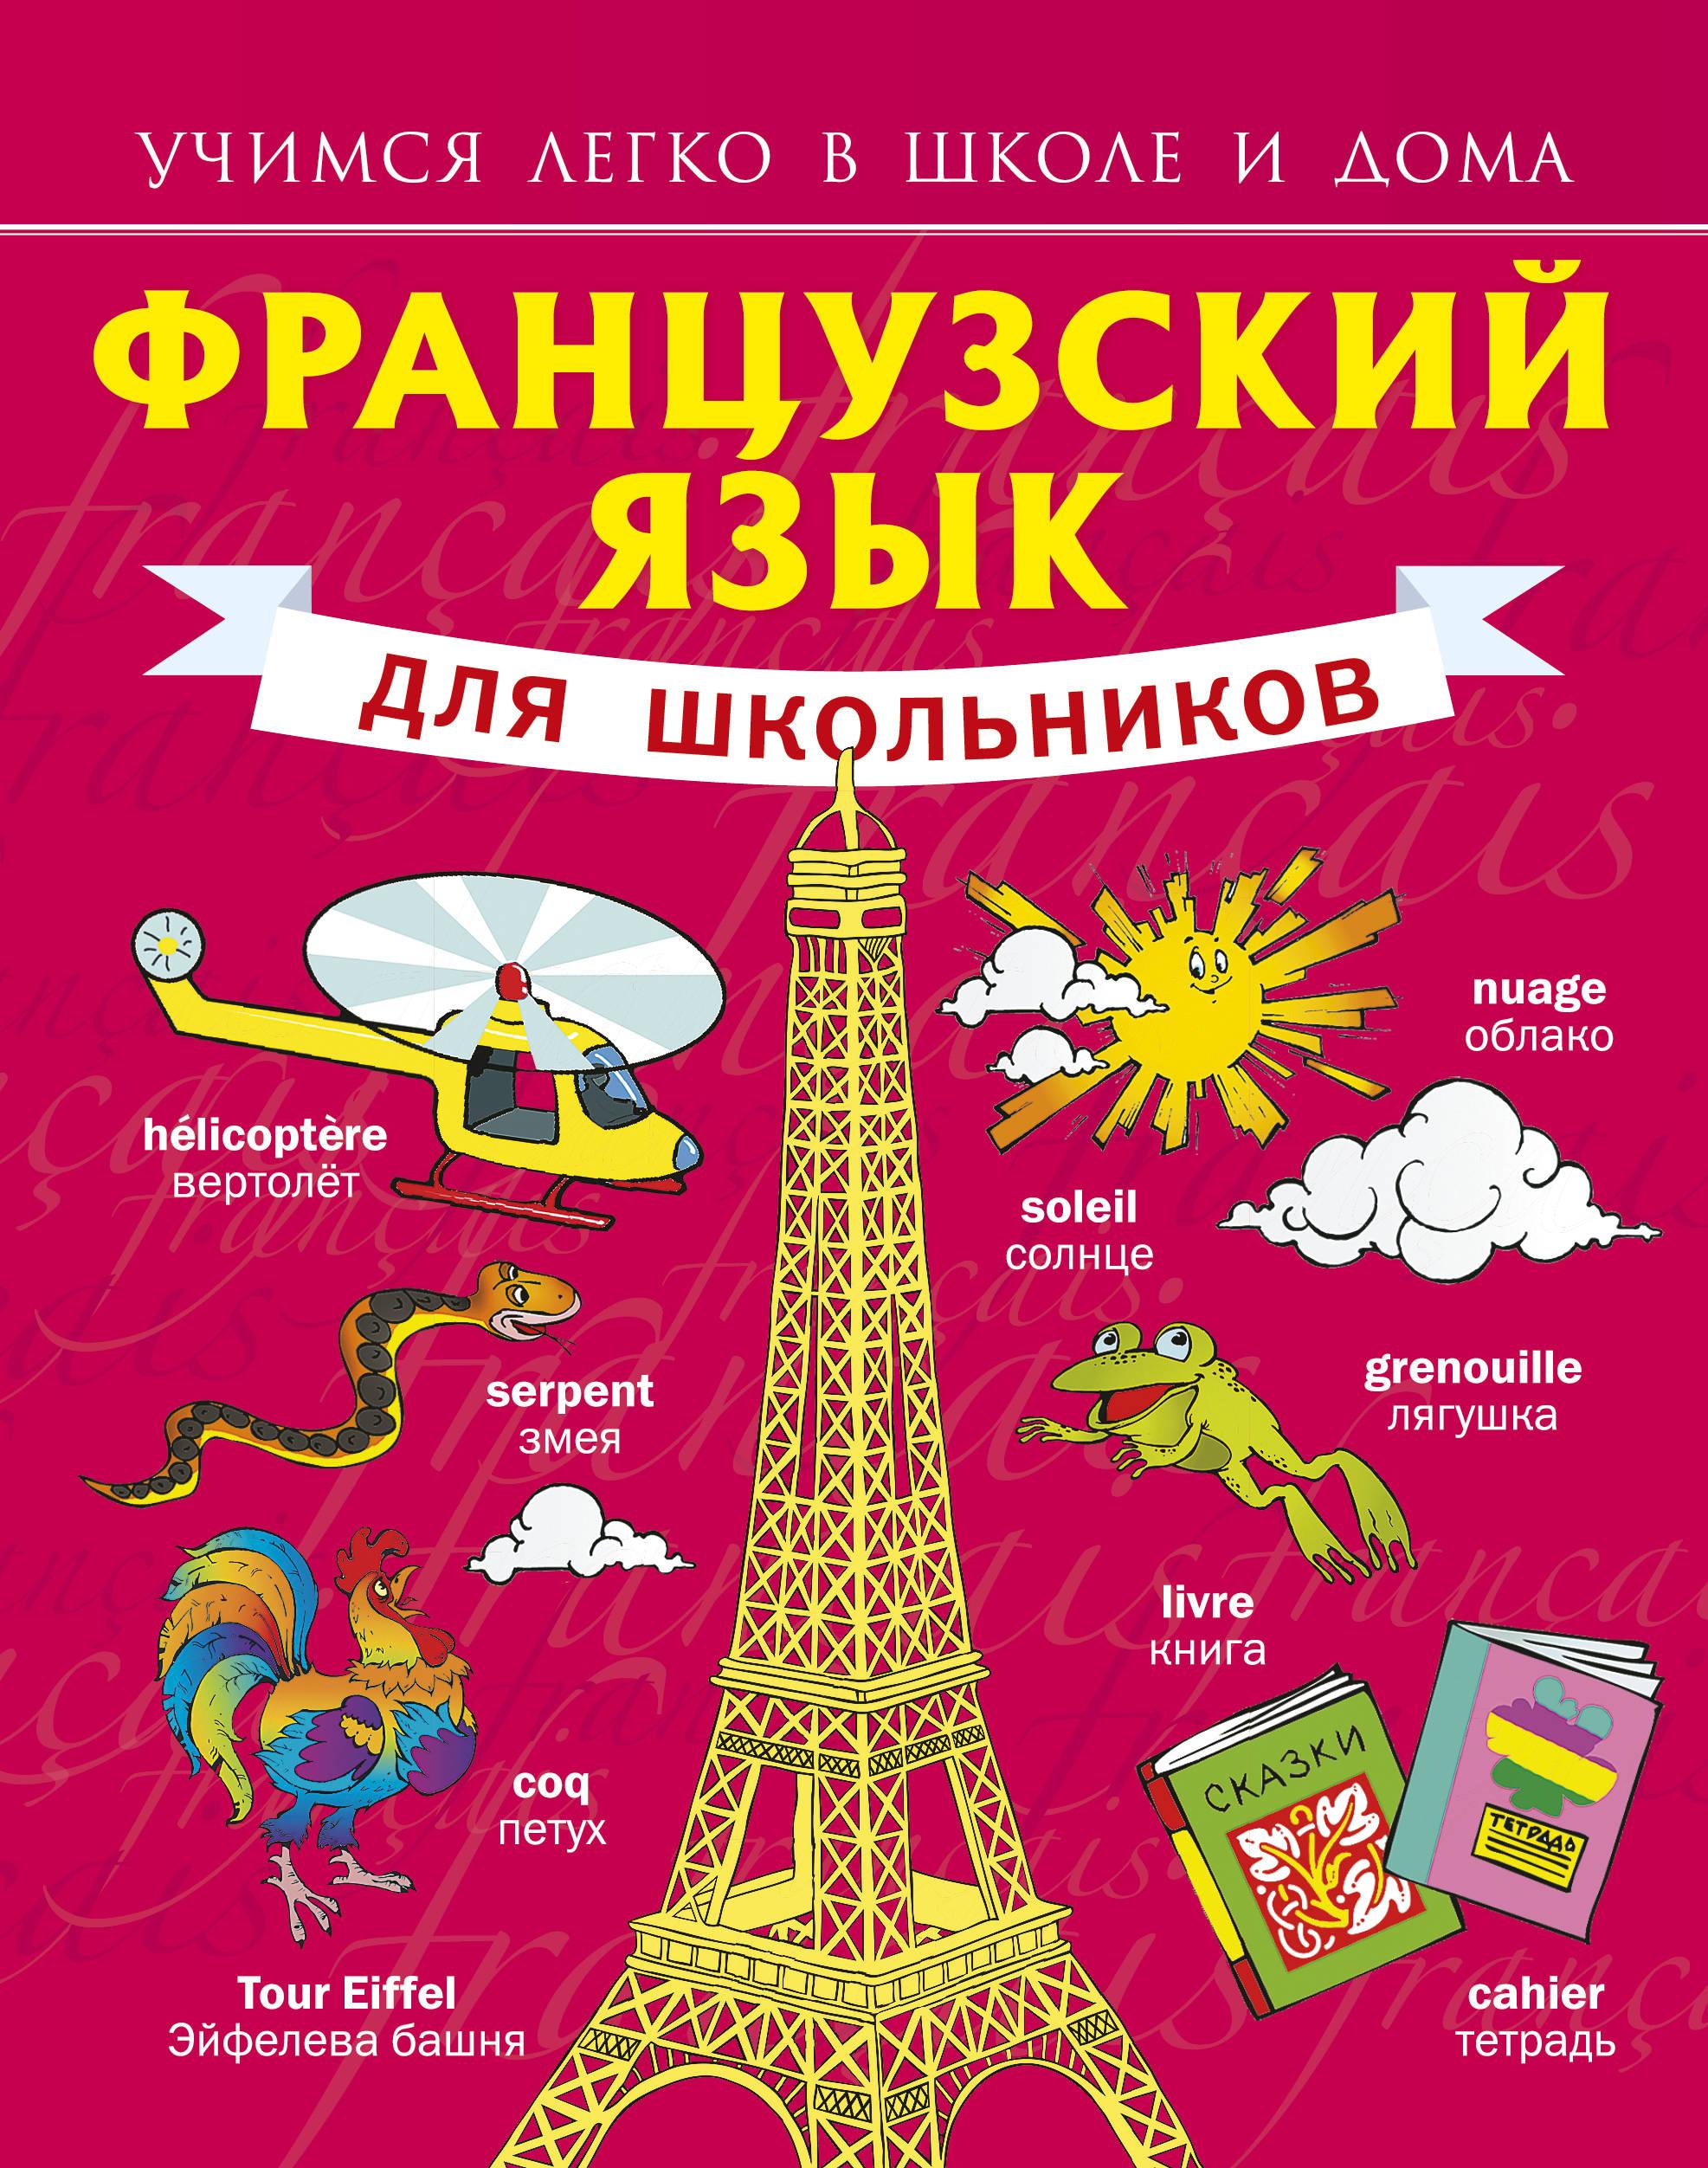 Французский язык для школьников от book24.ru